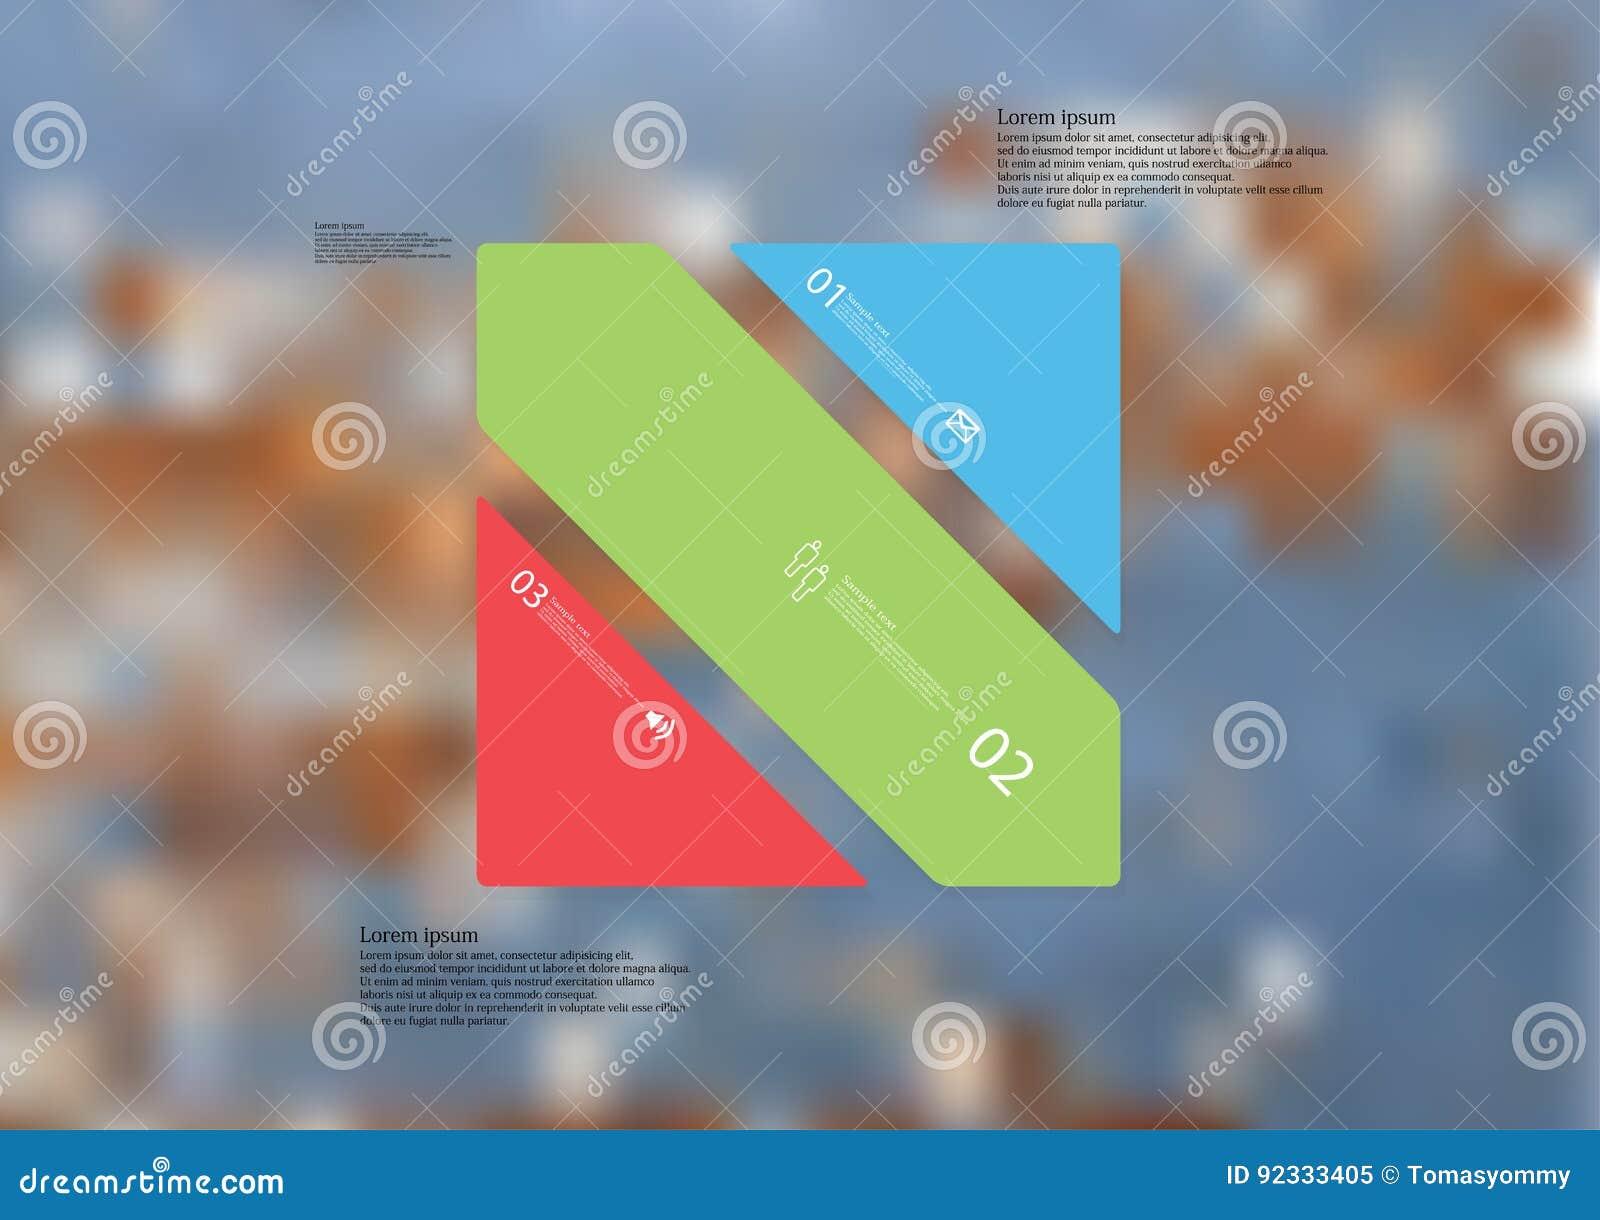 Molde infographic da ilustração com o oblíquo do retângulo dividido a três peças autônomas da cor